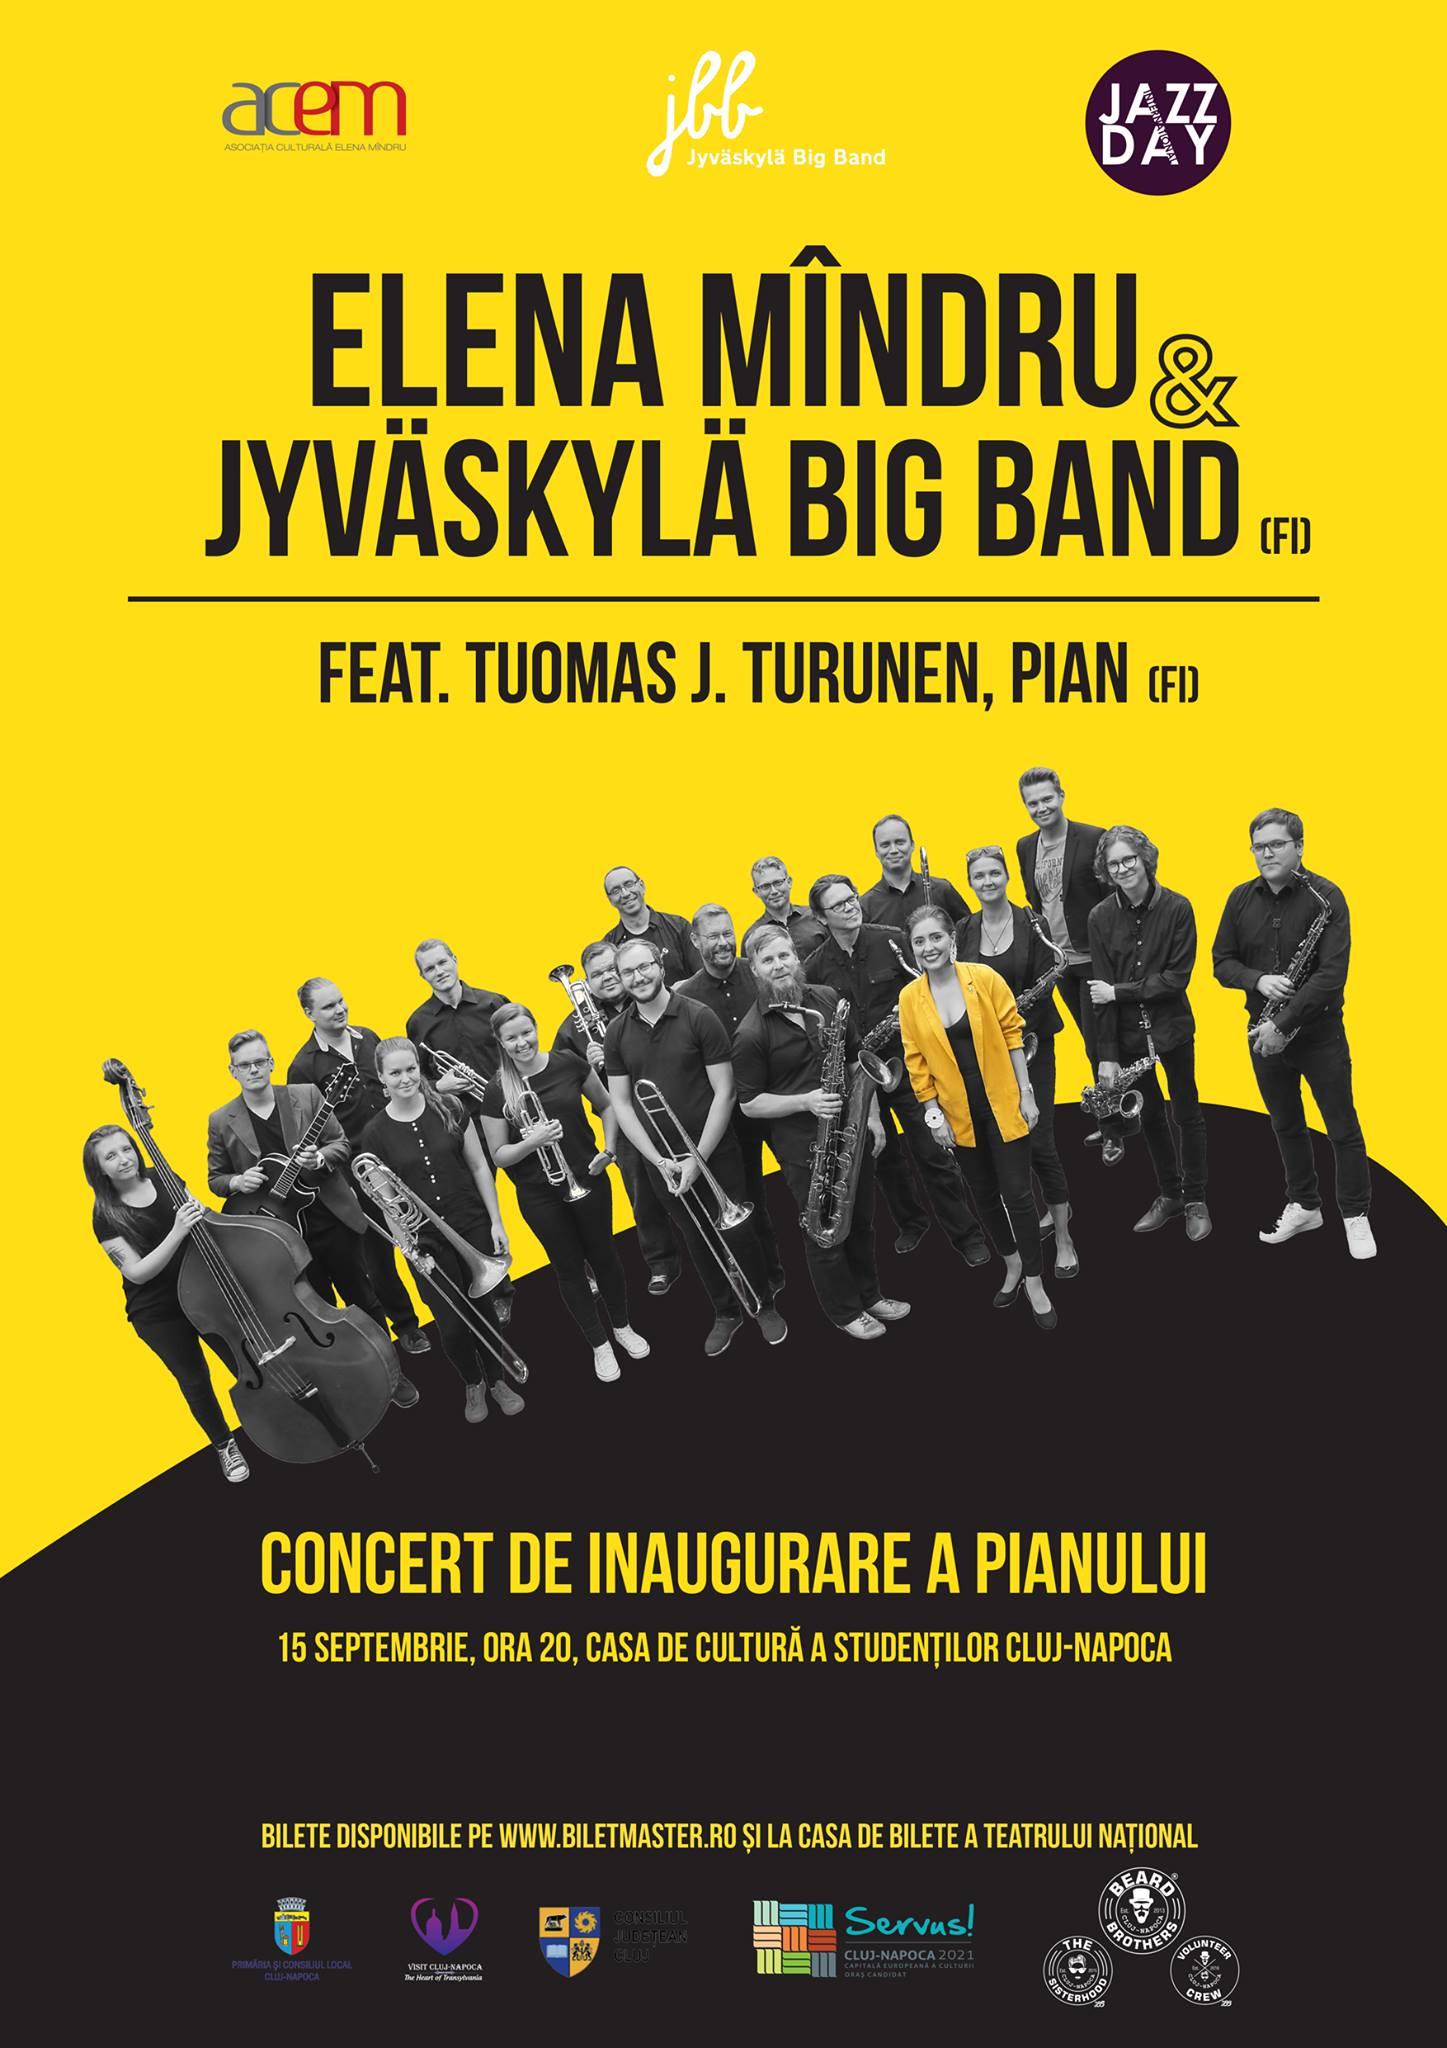 Elena Mîndru & Jyväskylä Big Band @ Casa de Cultură a Studenţilor